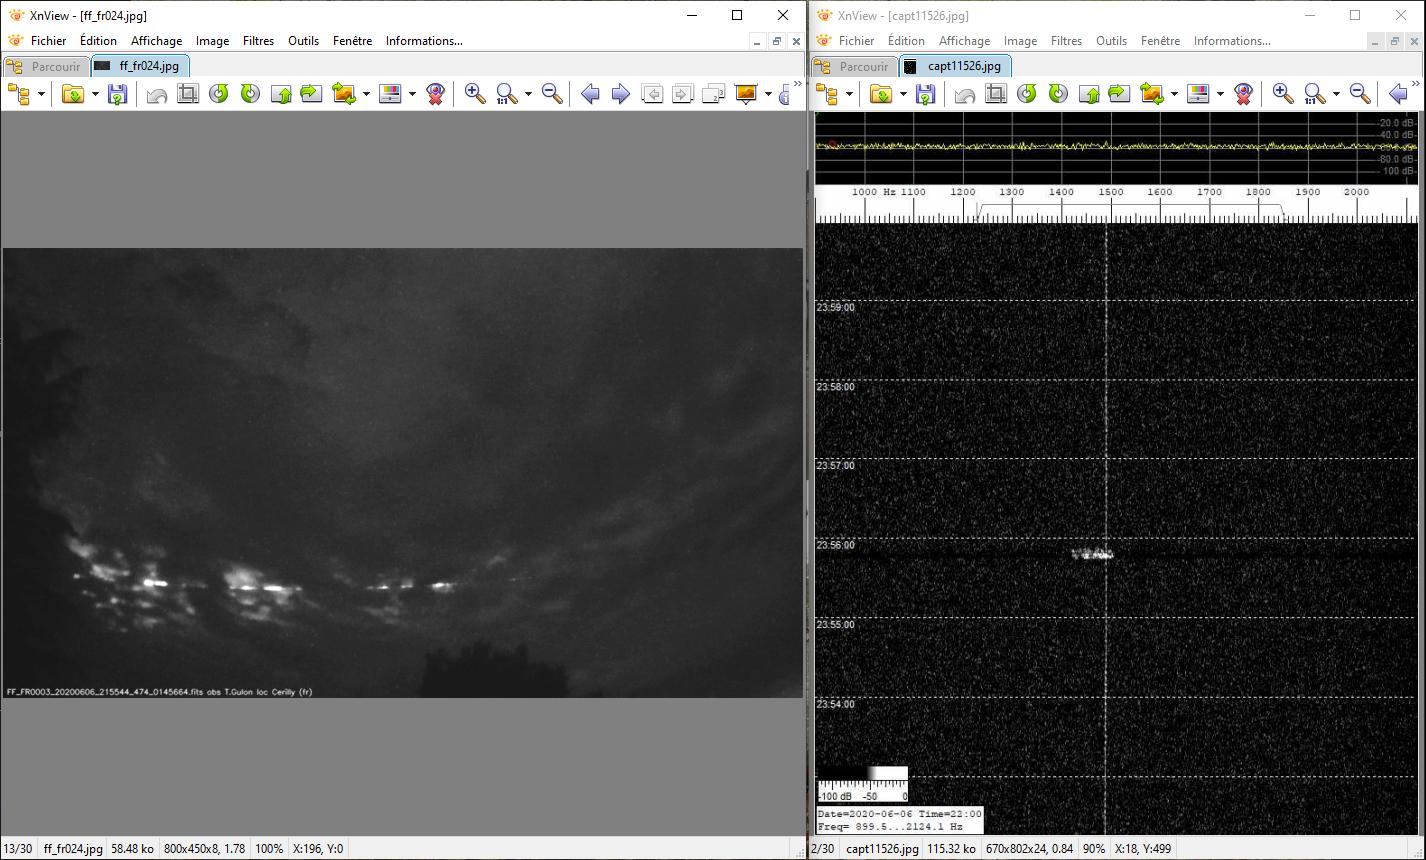 Recoupement de captures video et d'enregistrements de traces du Radar Graves 200616114407426821